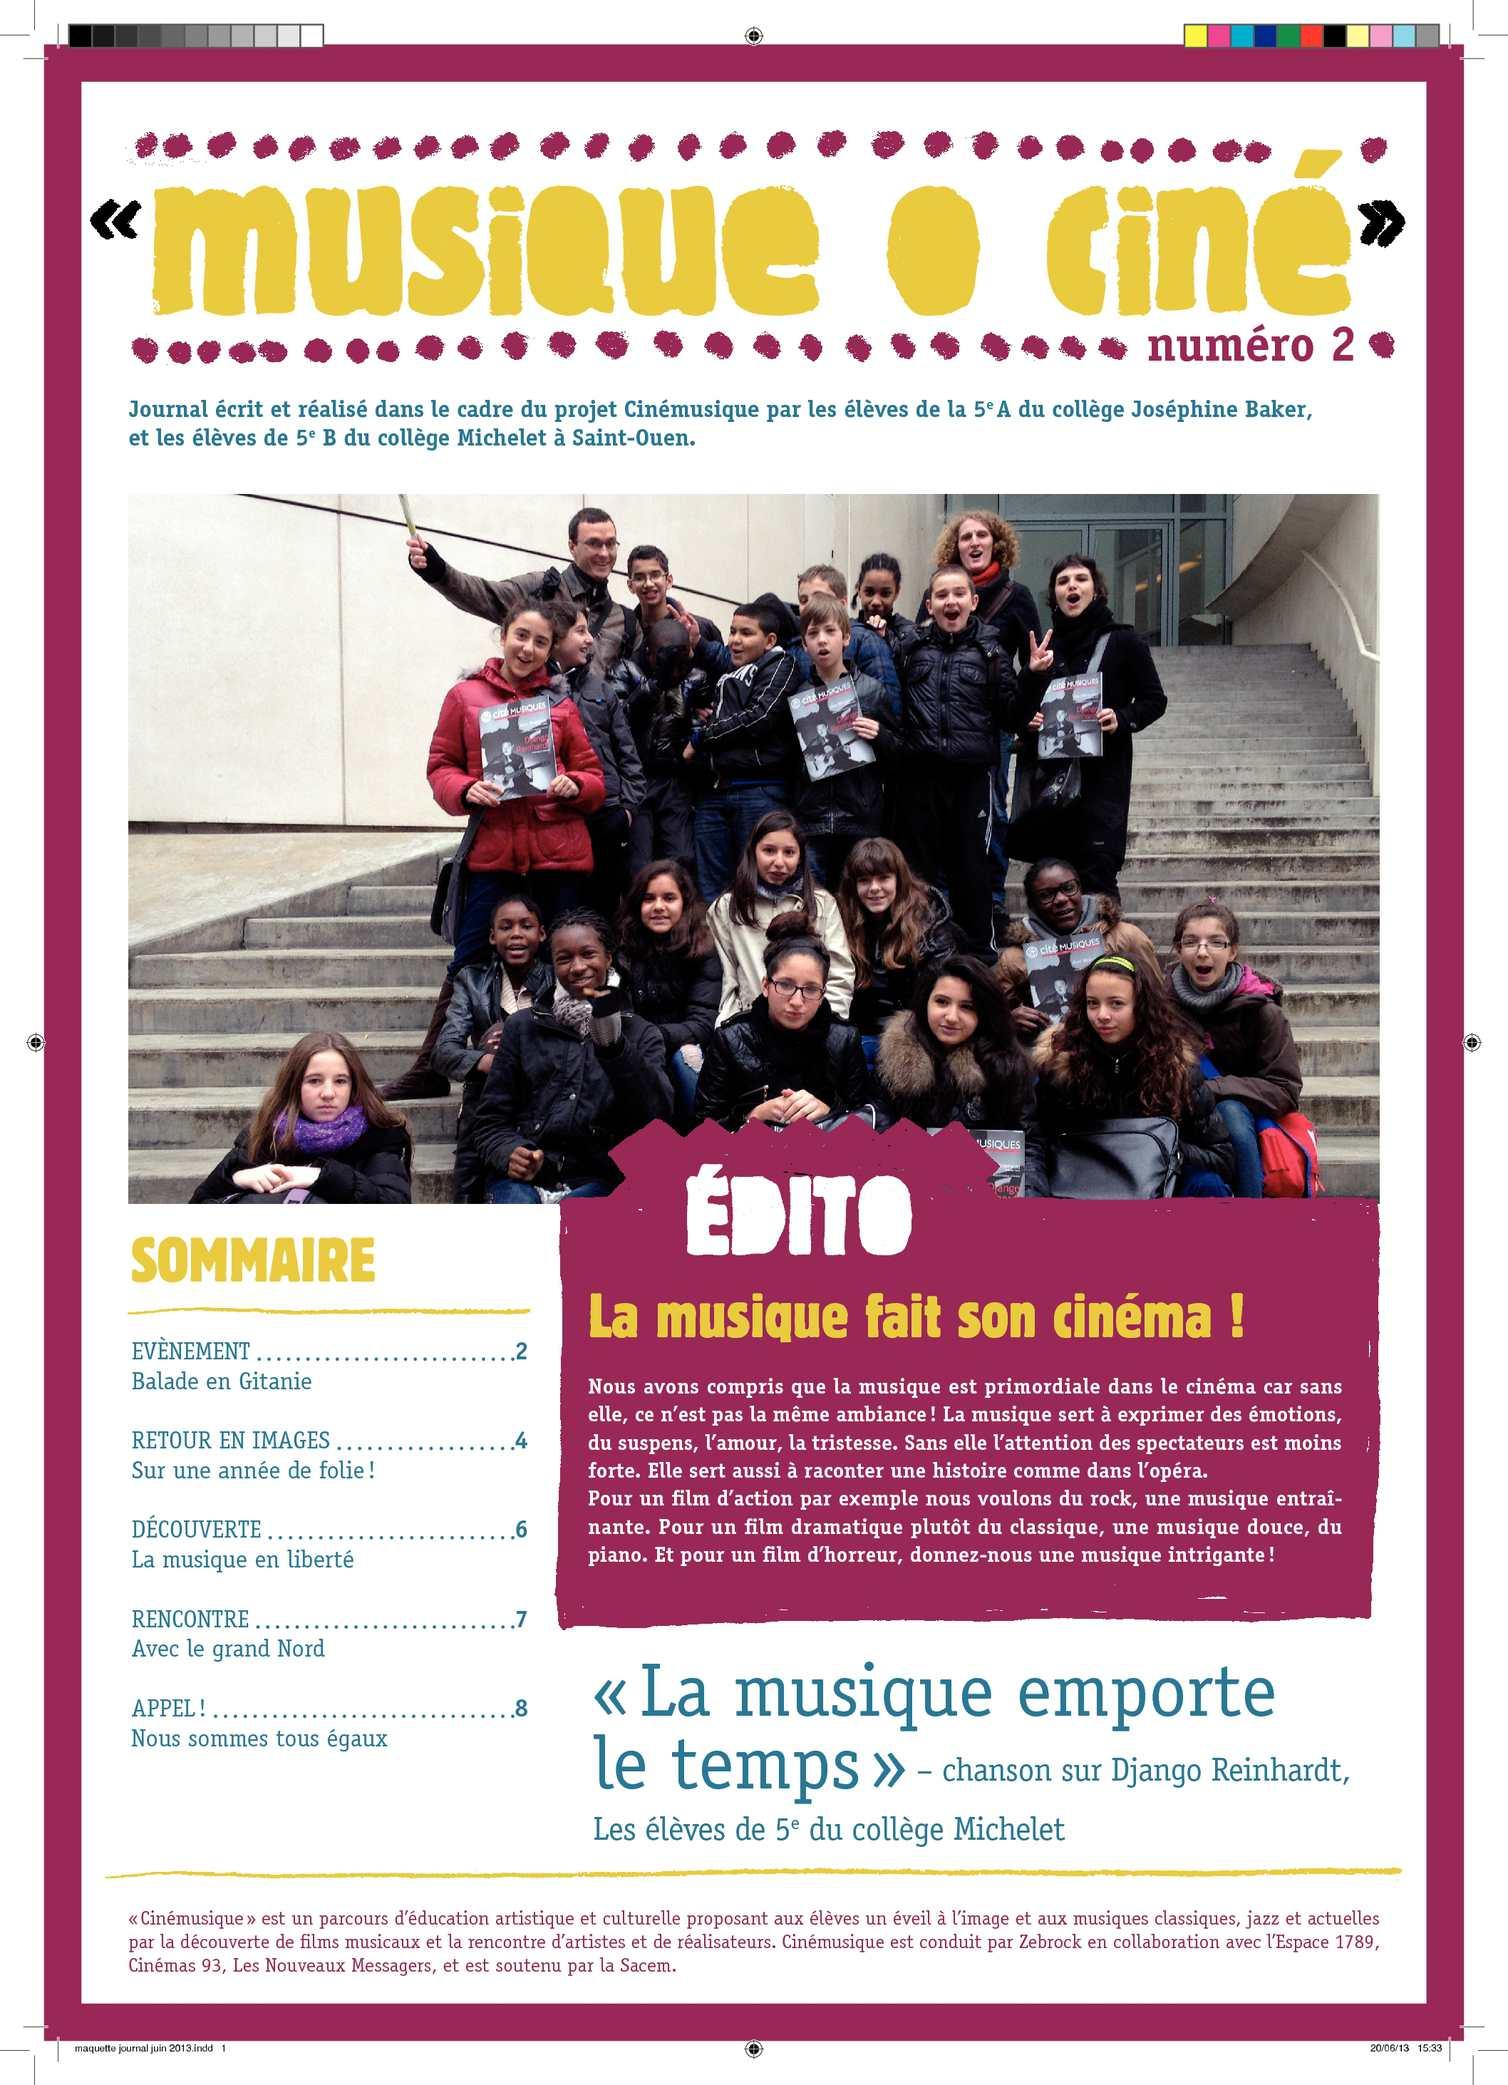 Cinémusique 2013